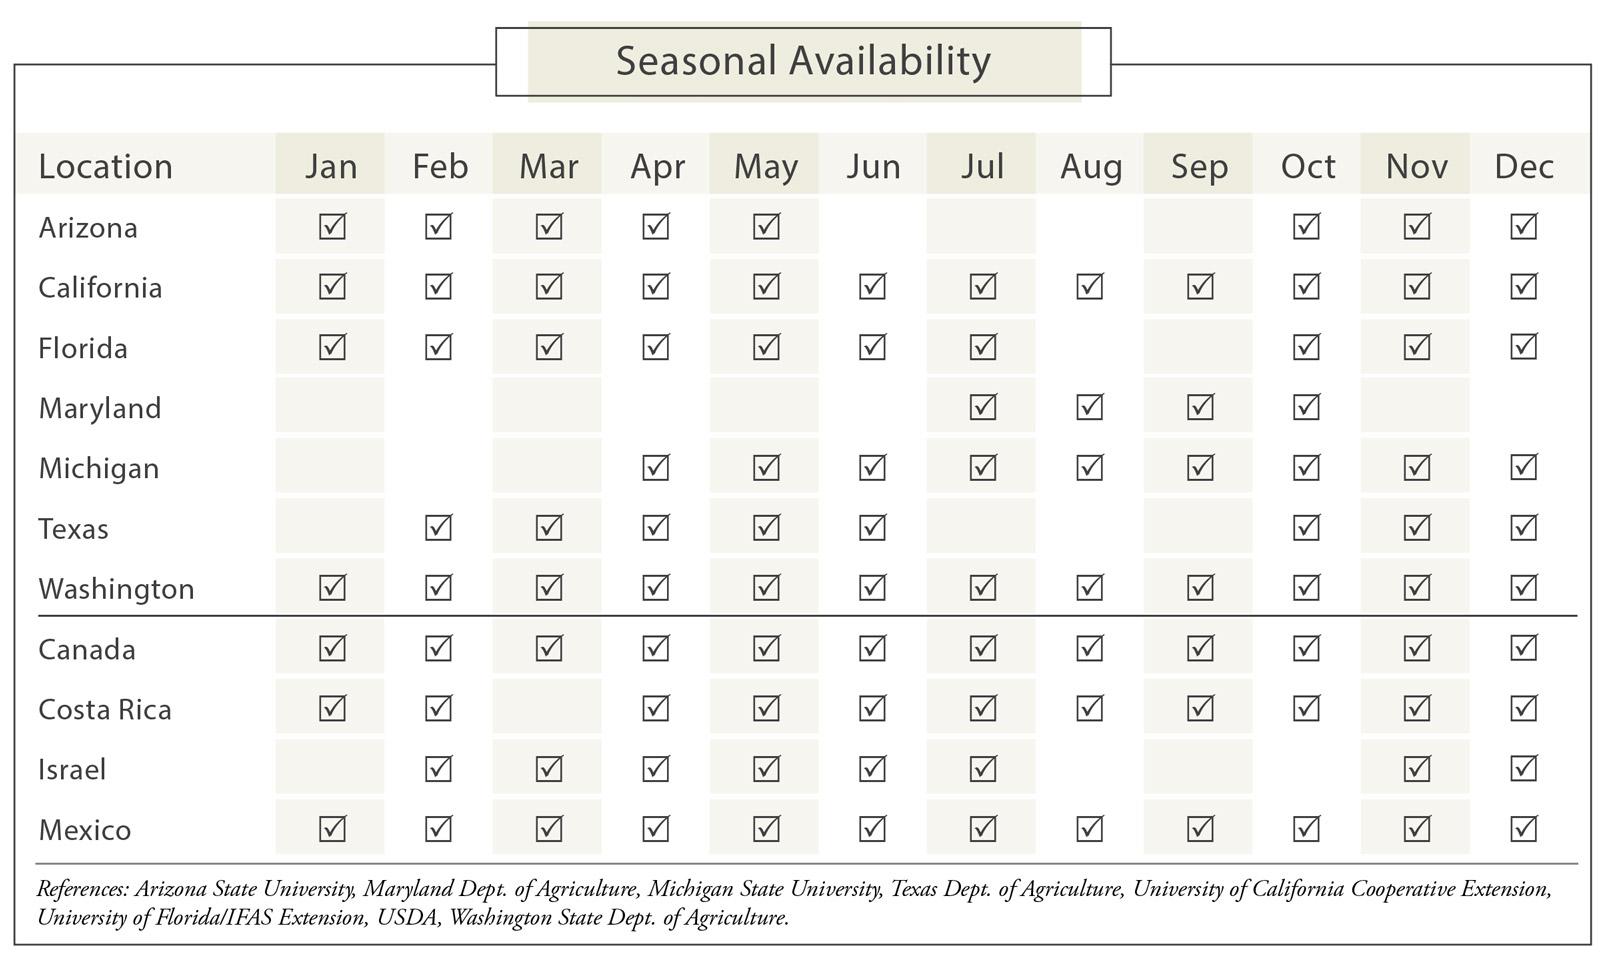 Carrots Seasonal Availability Chart